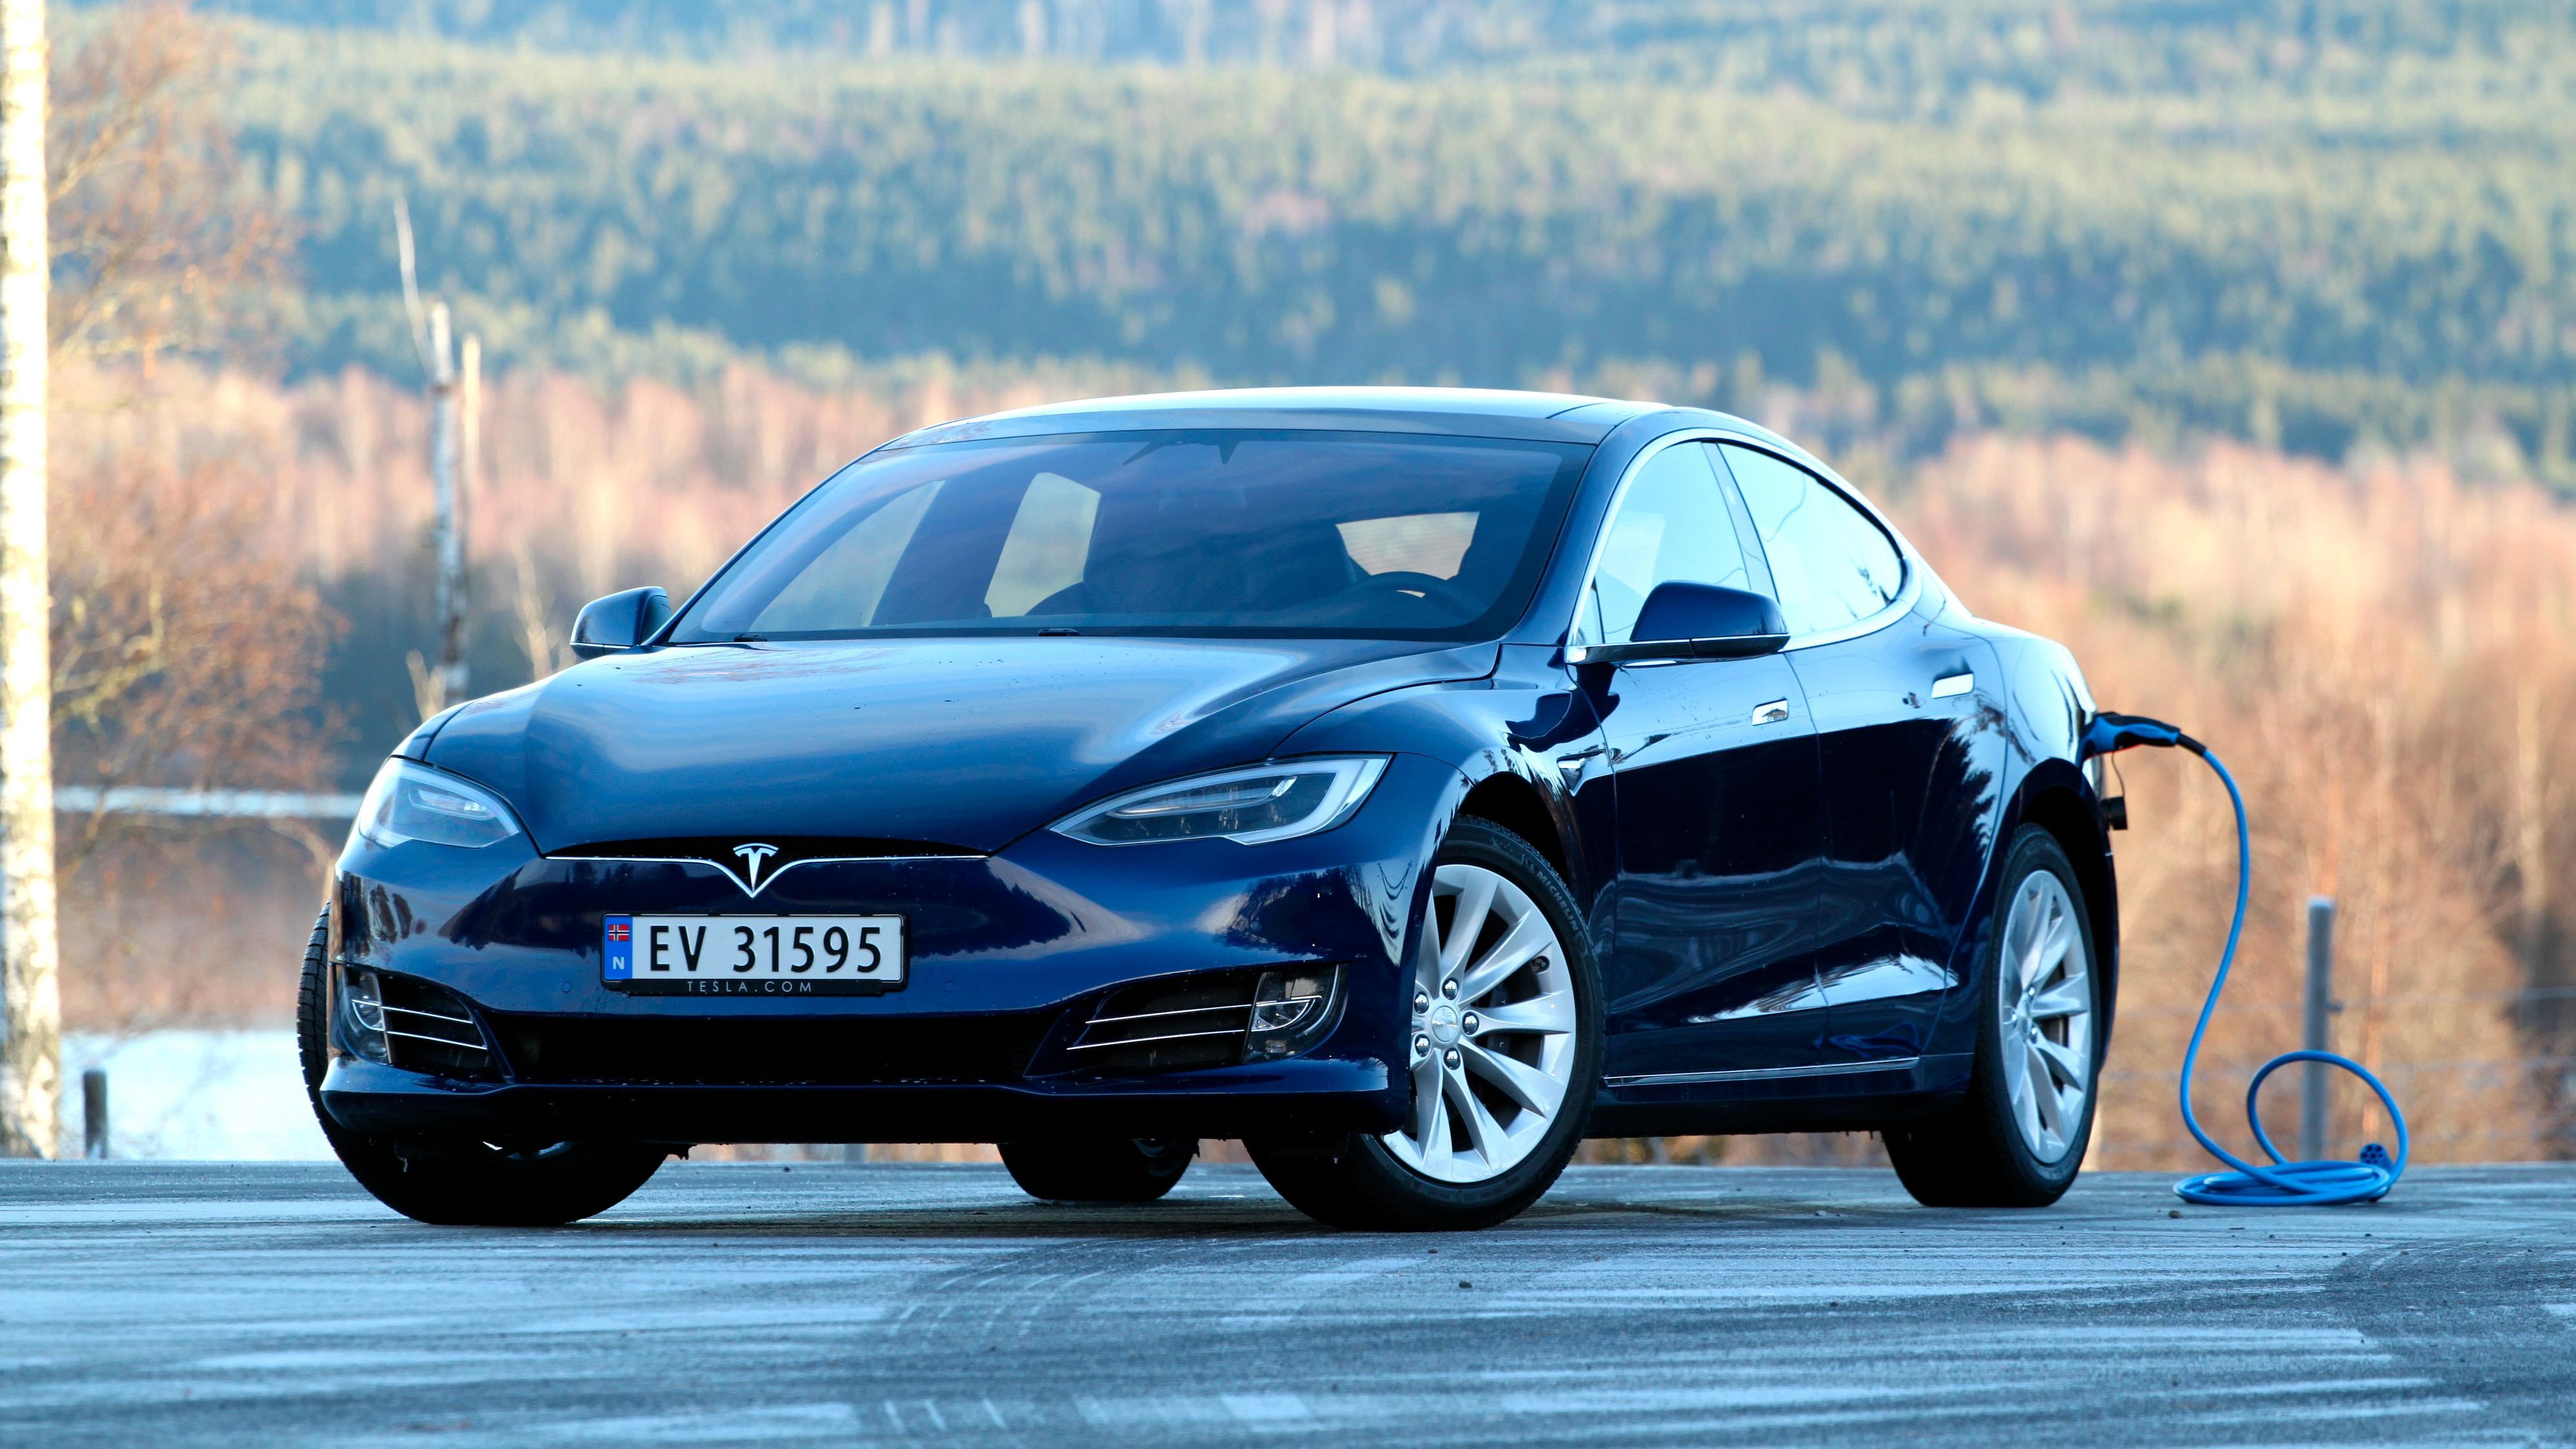 Tesla Model S kjøpt mellom 2013 og 2015 mistet ladefart etter en oppdatering. Nå er Tesla dømt i forliksrådet.